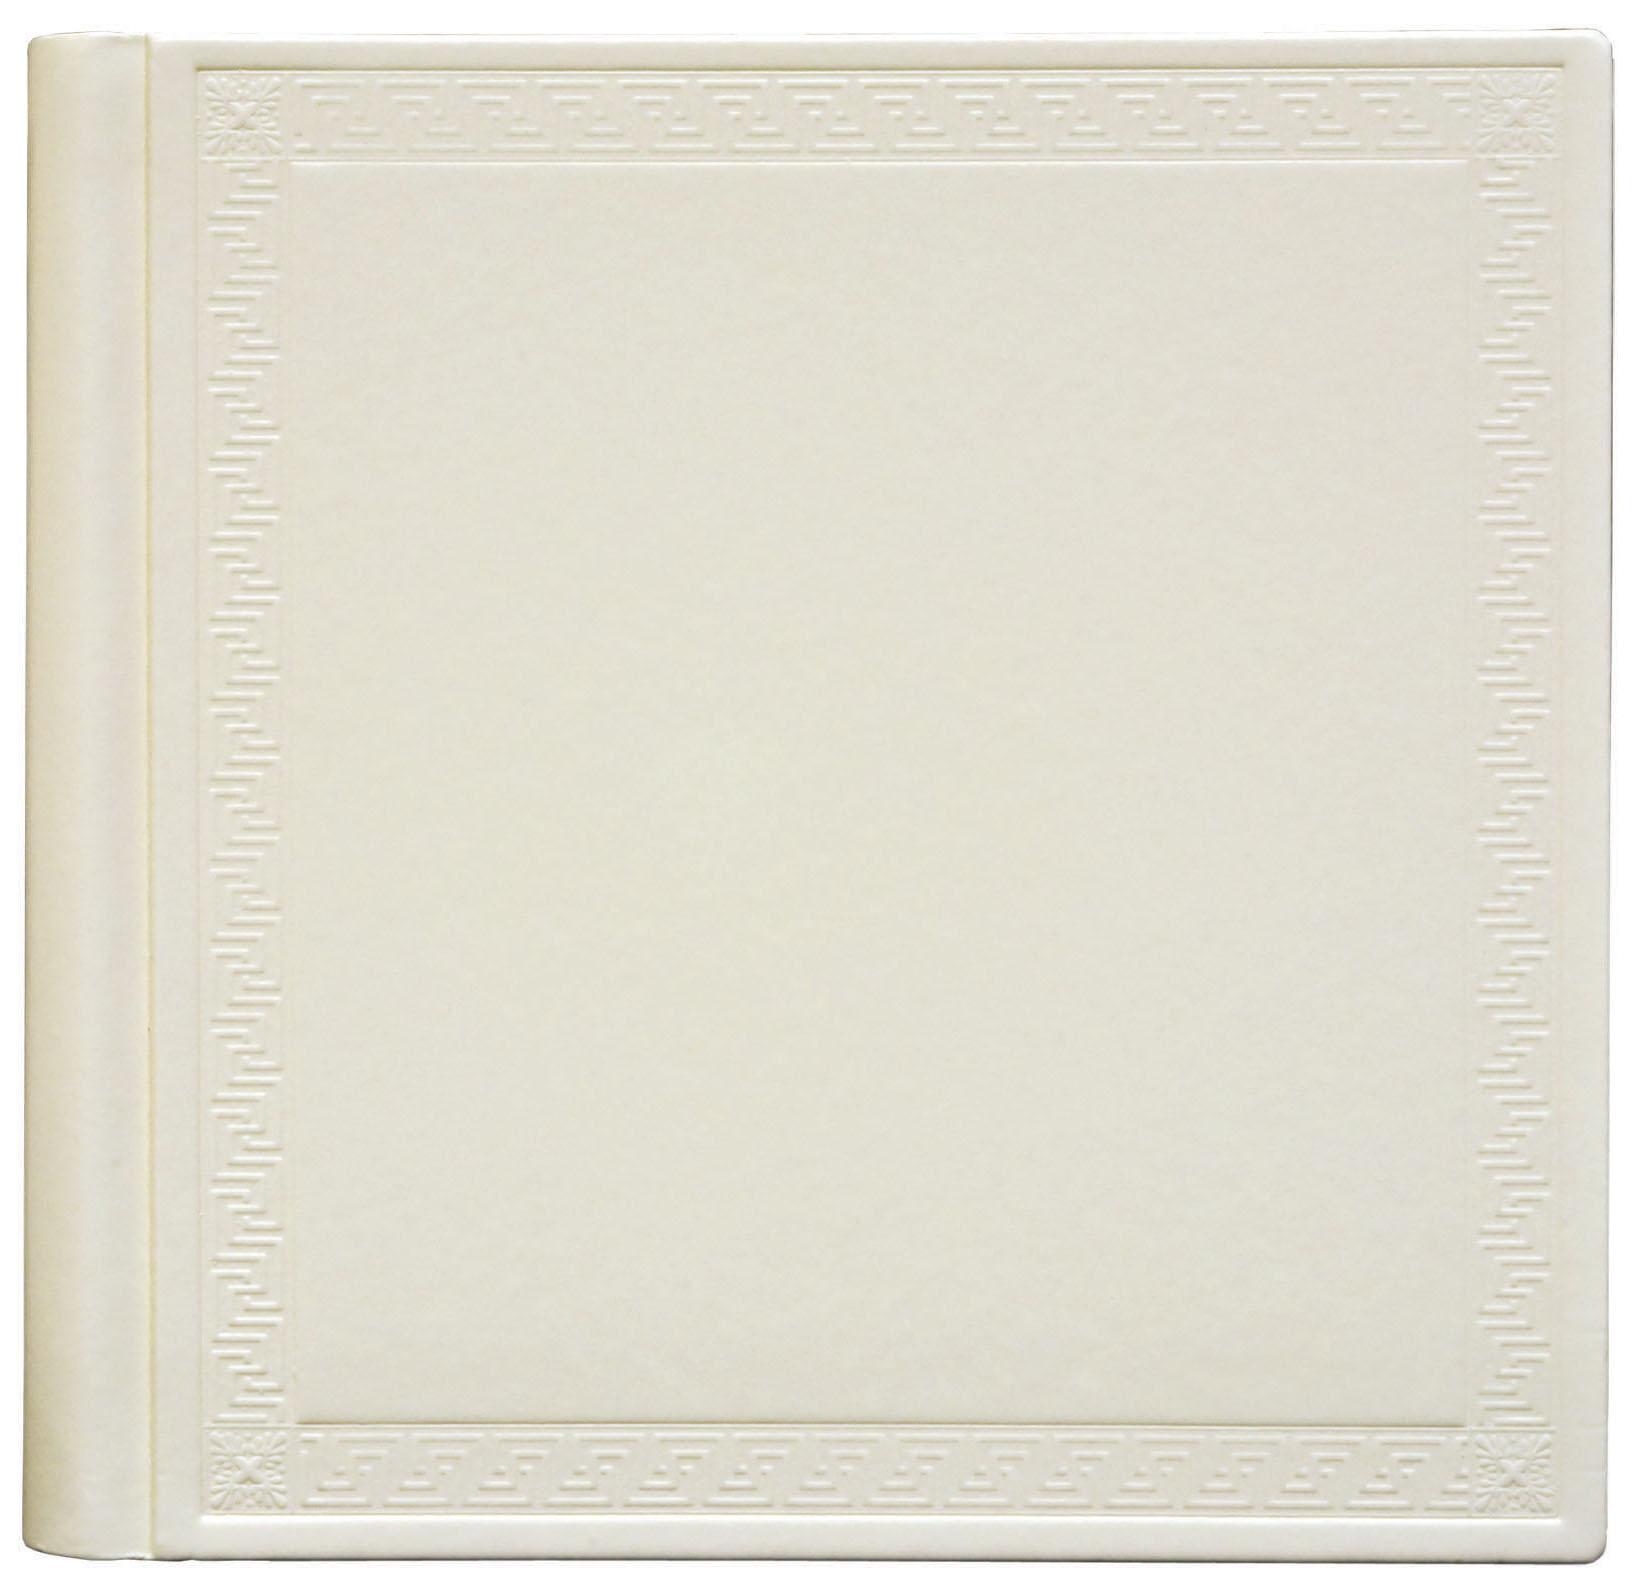 Innova Editions Celebrazione Special Occasions White 33x33 cm (80 Vita sidor / 40 Blad)